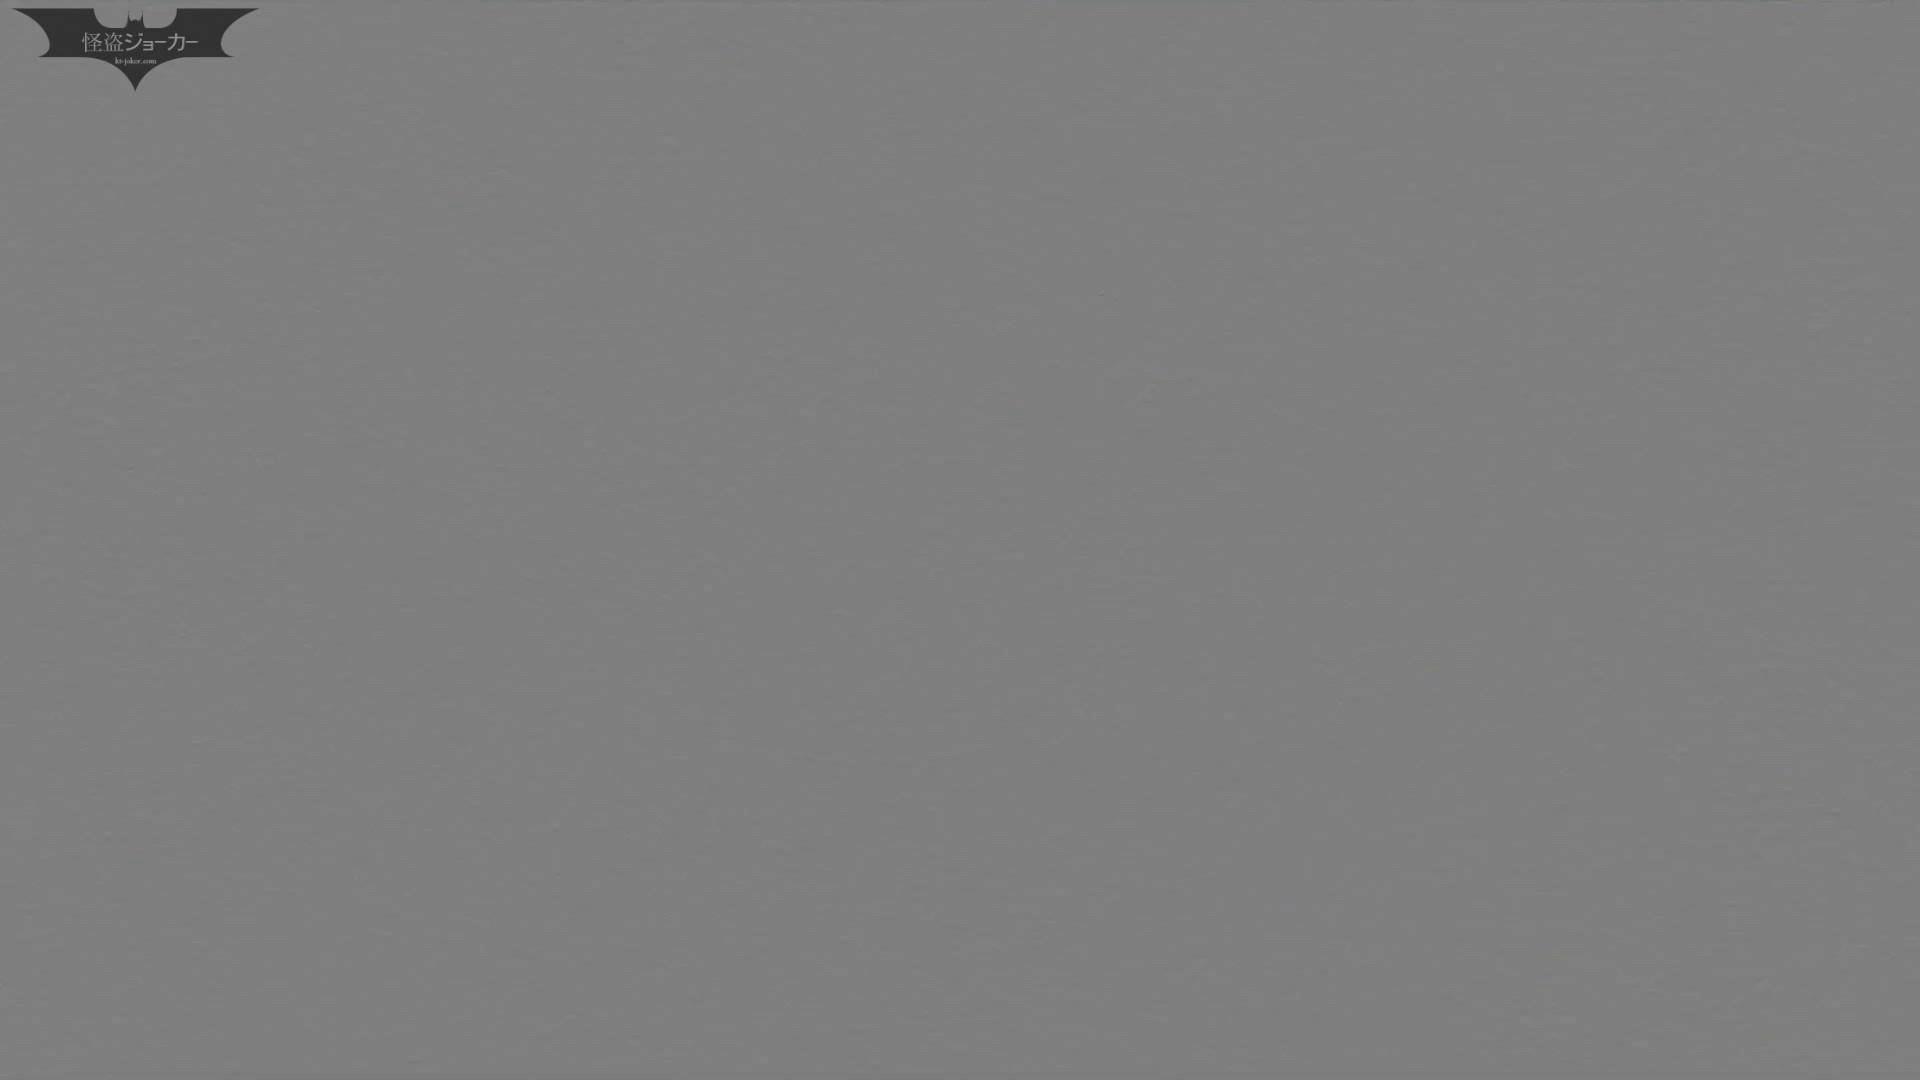 「洗面所突入レポート!!」vol.56まず並ぶ所から!決して真似しないでください 洗面所 われめAV動画紹介 79PIX 20